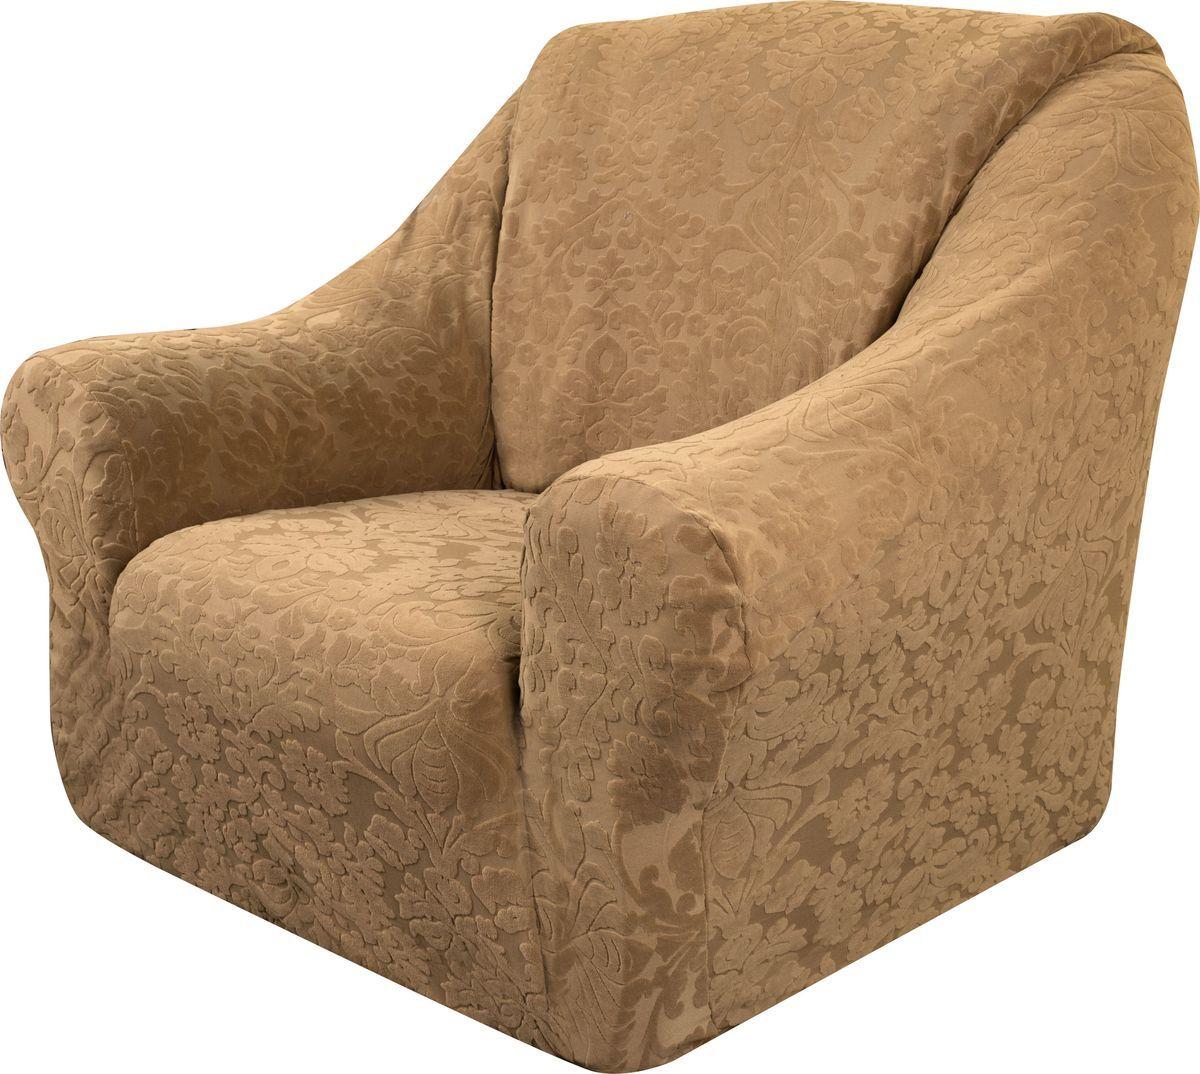 Чехол на кресло Медежда Челтон, цвет: бежевый1401051103000Универсальный чехол на кресло изготовлен из стрейчевого жаккарда. Элегантный выпуклый рисунок прекрасно подходит к интерьеру как в классическом, так и в современном стиле. Тактильное наслаждение, вызываемое тканью, сочетается с эластичностью. Чехол красиво облегает формы мебели и выглядит как дорогая обивка, выполненная на заказ. Он легко растягивается и подходит для большинства стандартных кресел